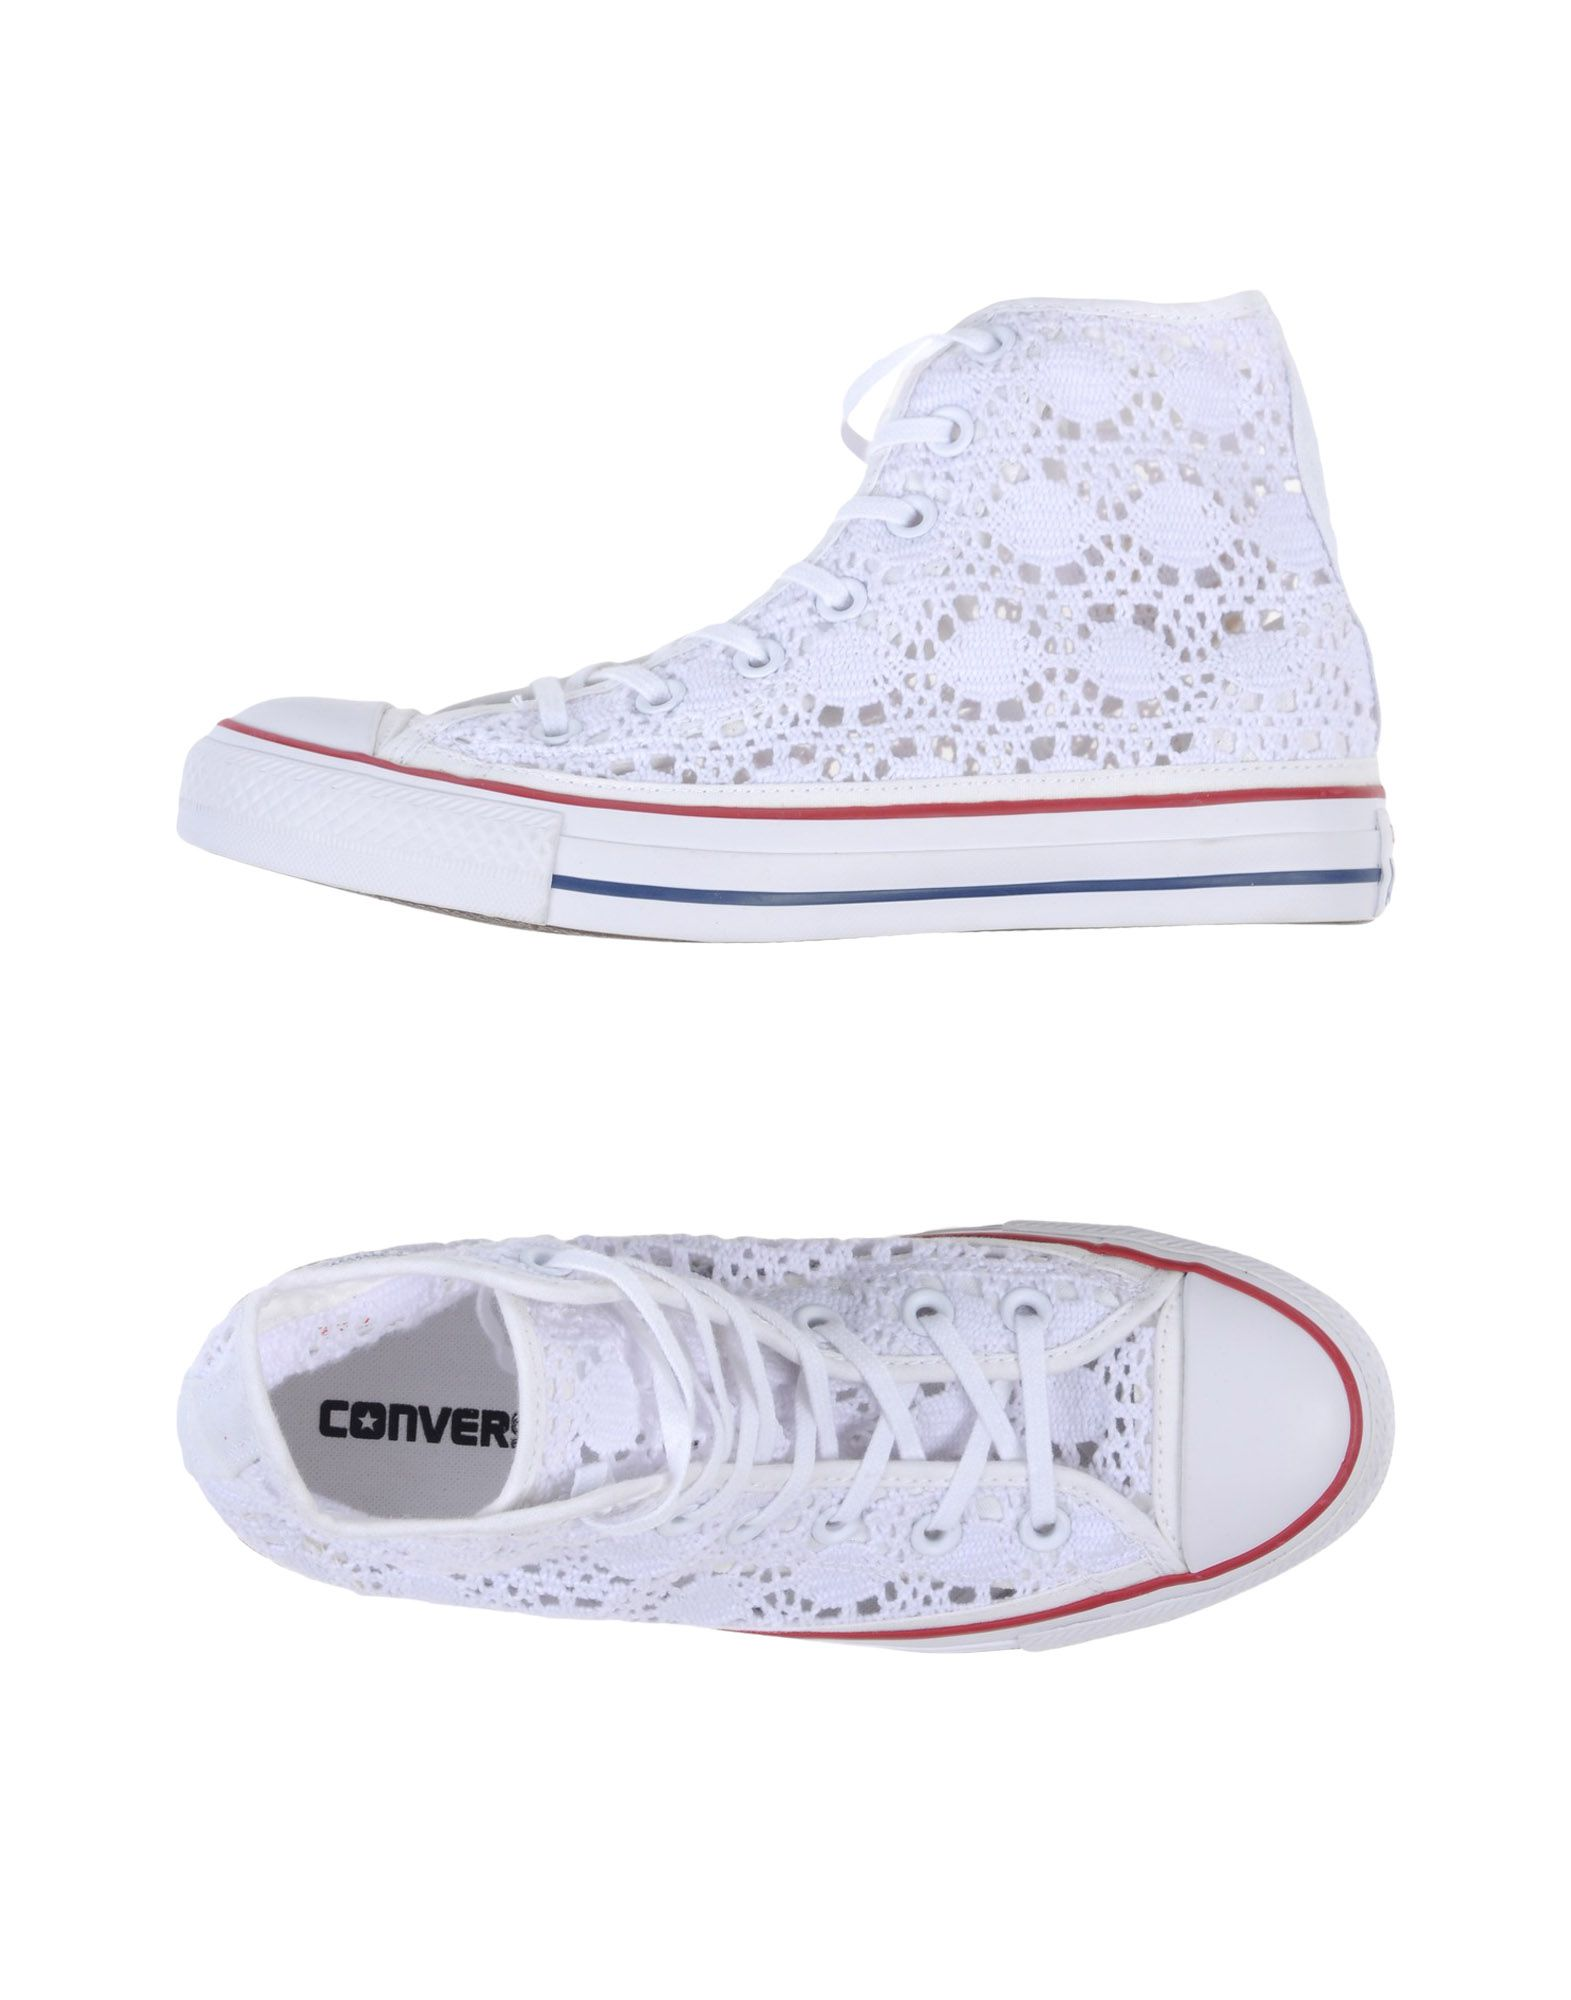 CONVERSE Высокие кеды и кроссовки andy warhol x converse высокие кеды и кроссовки